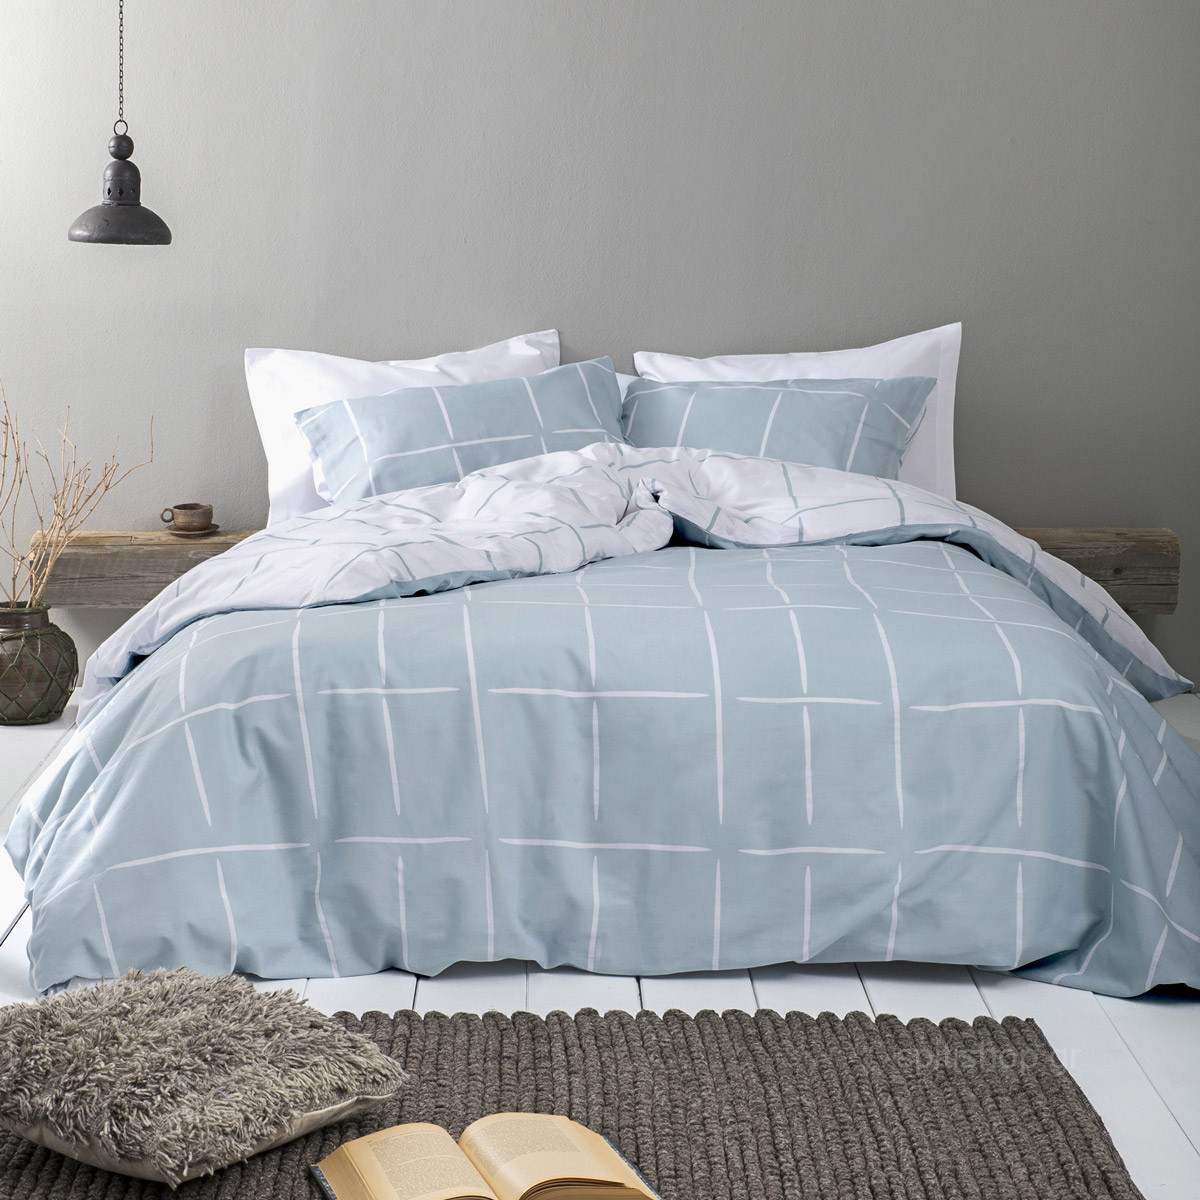 Σεντόνια Υπέρδιπλα (Σετ) Nima Bed Linen Infinity Petrol ΧΩΡΙΣ ΛΑΣΤΙΧΟ 240×260 ΧΩΡΙΣ ΛΑΣΤΙΧΟ 240×260